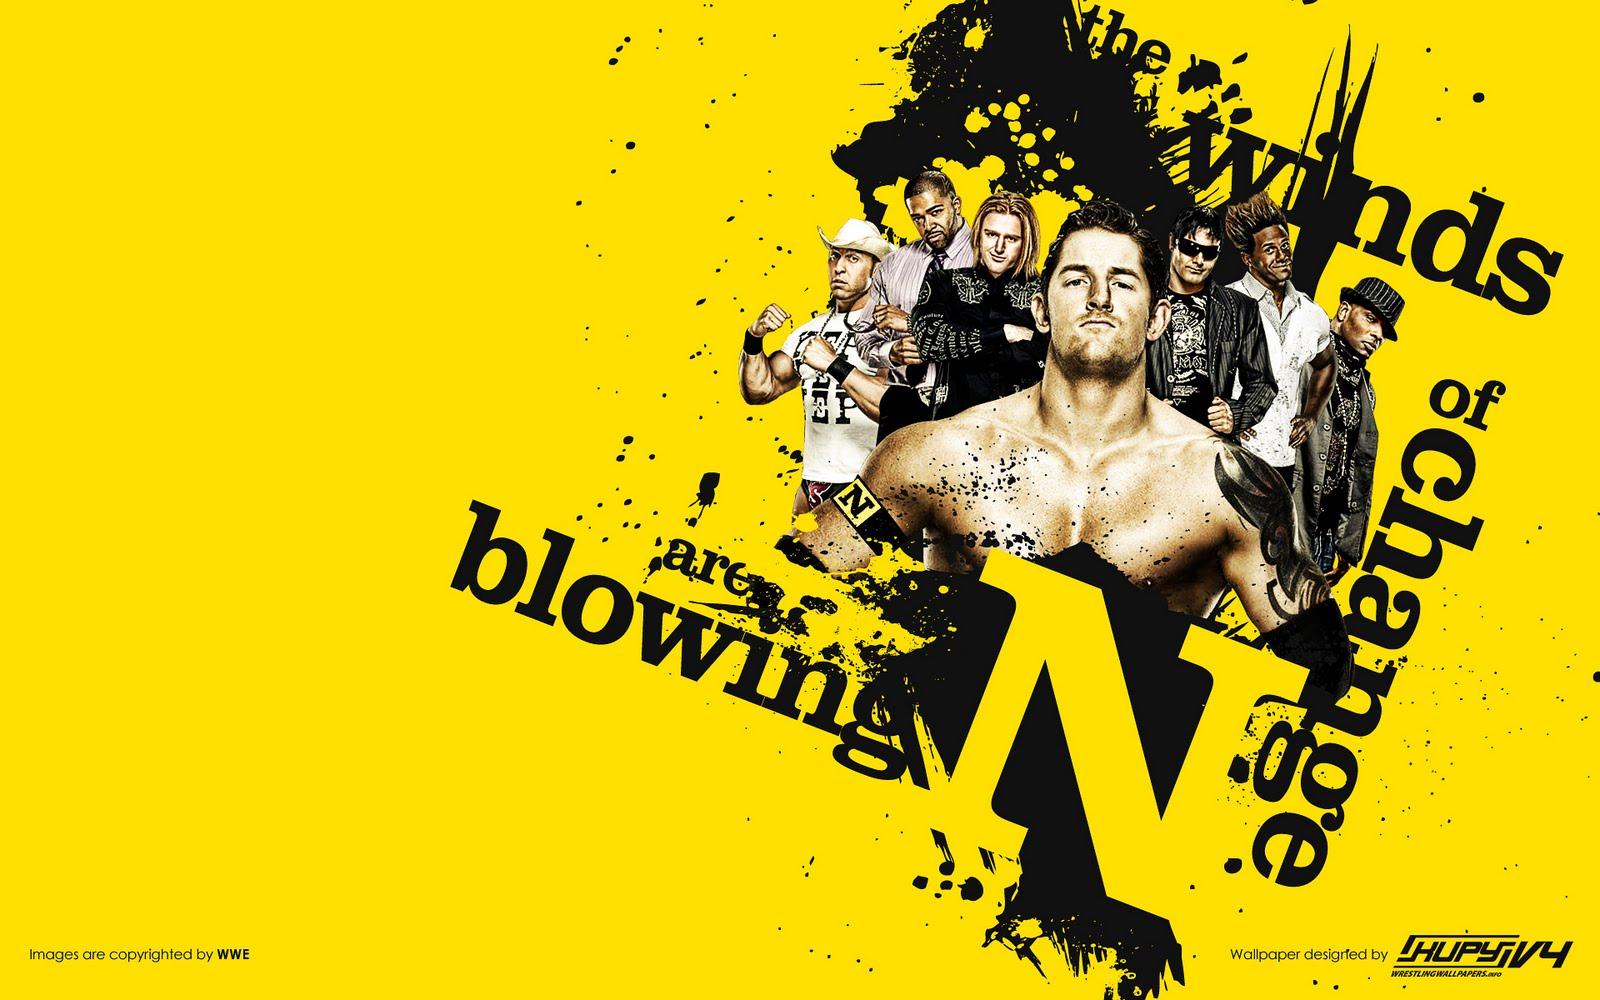 http://2.bp.blogspot.com/_6O8lpOxHsCk/TCkQ89X_0vI/AAAAAAAAAM0/KnEGv0wTQzw/s1600/WWE-TheNexus-1920x1200.jpg